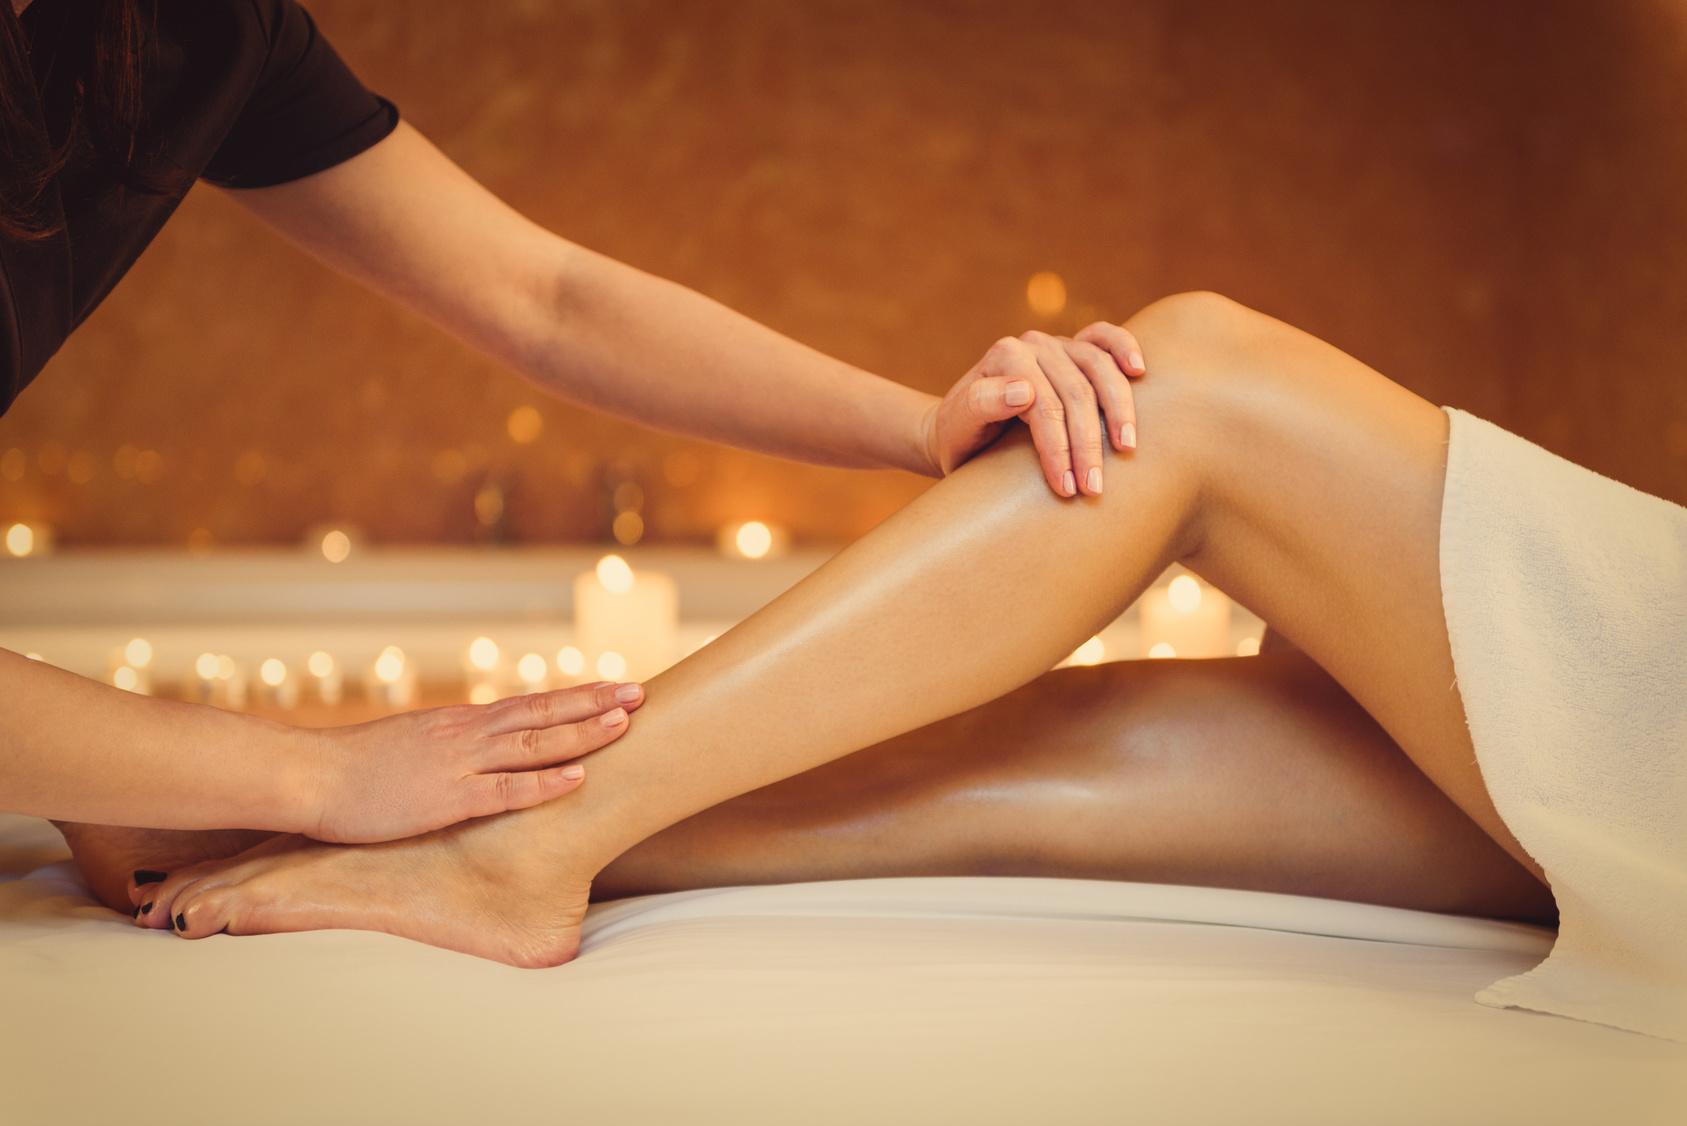 Keväinen jalkojen hemmottelu, sis. jalkahoidon, geelilakkauksen ja säärten sokeroinnin 49€ (säästä 65%)